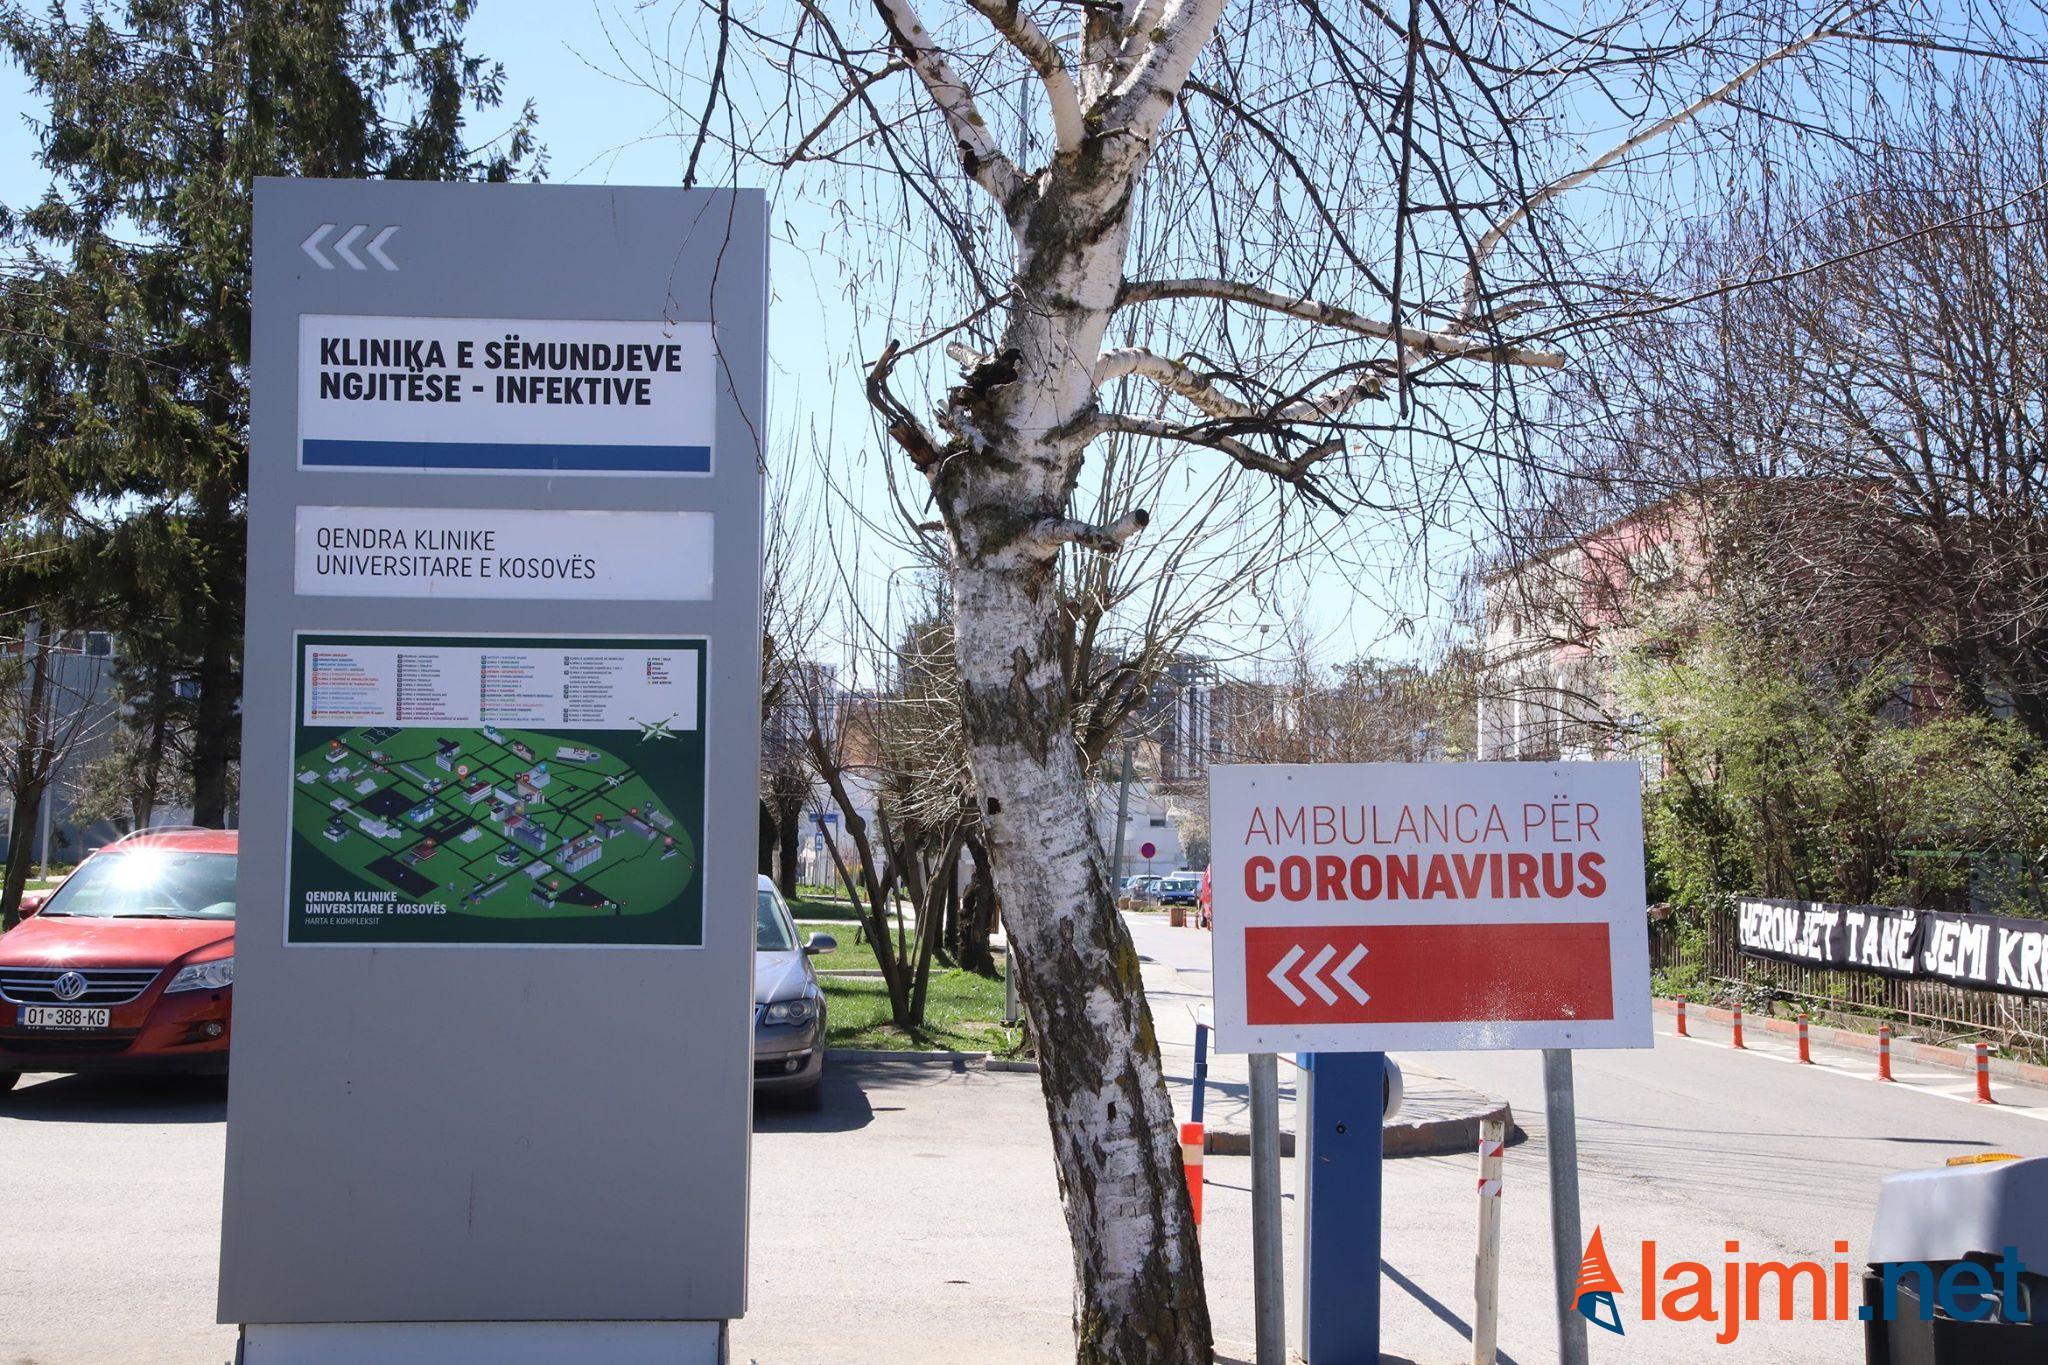 Lufta me pandeminë- Kosova më shumë të shëruar sesa raste aktive me koronavirus